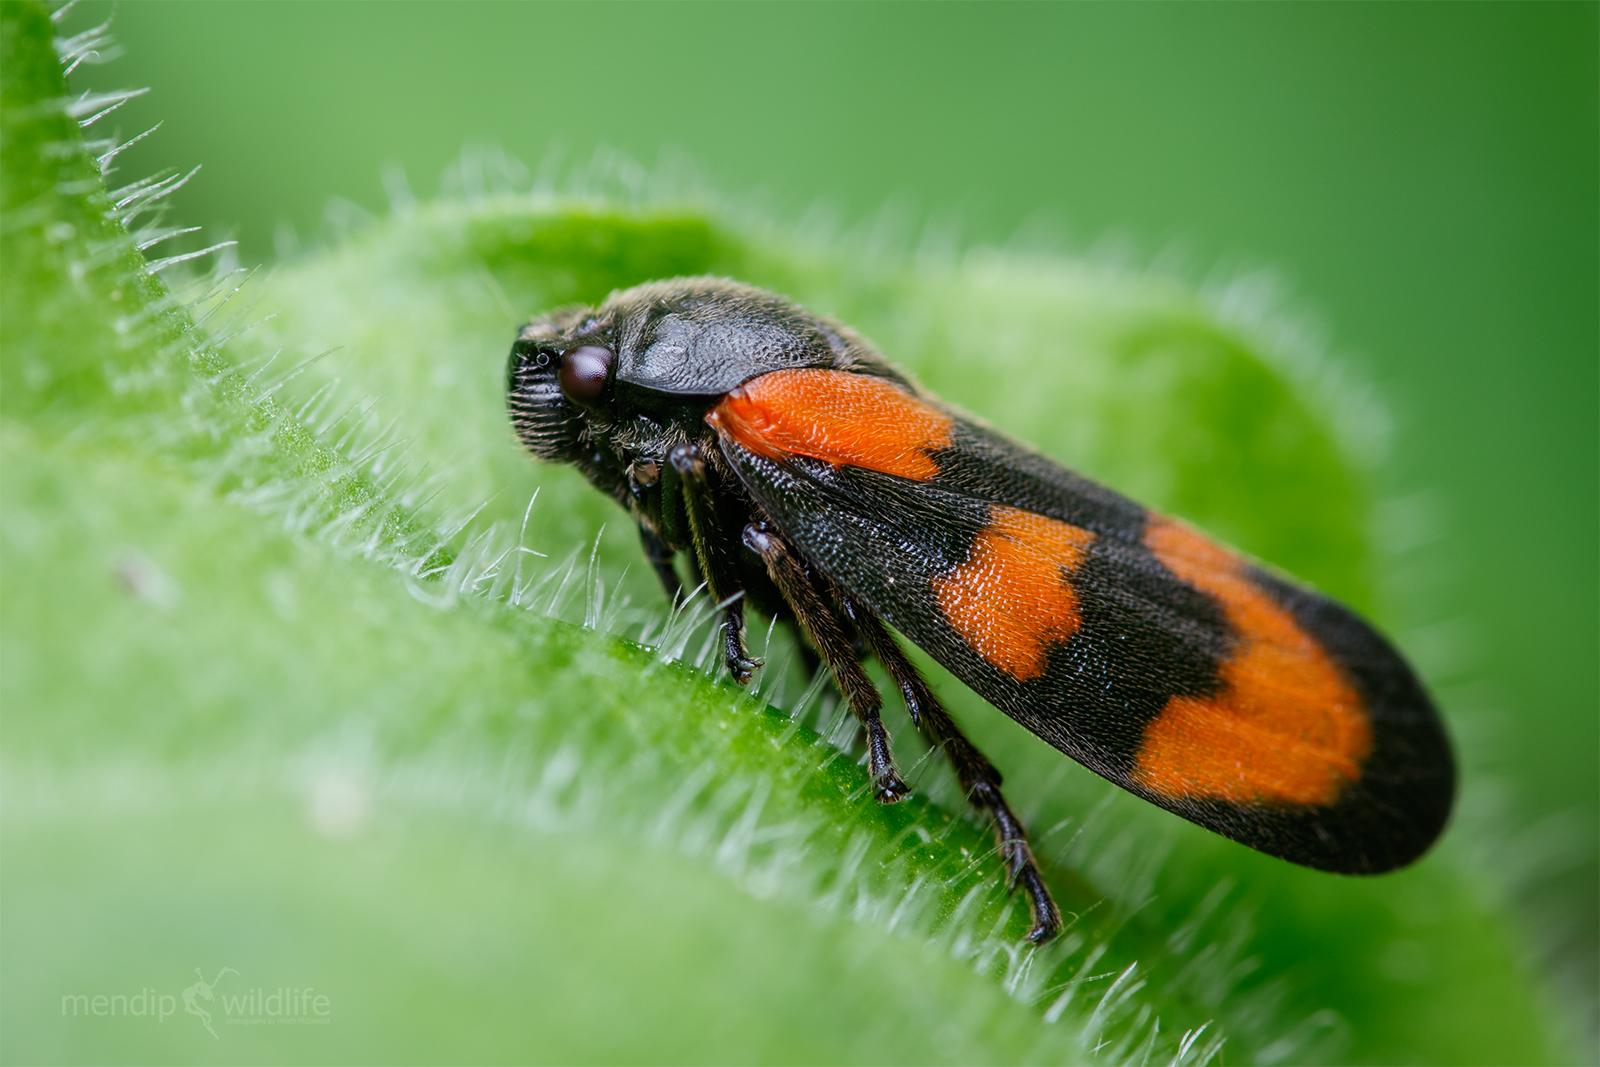 Froghopper rosso e nero - Cercopis vulnerata...